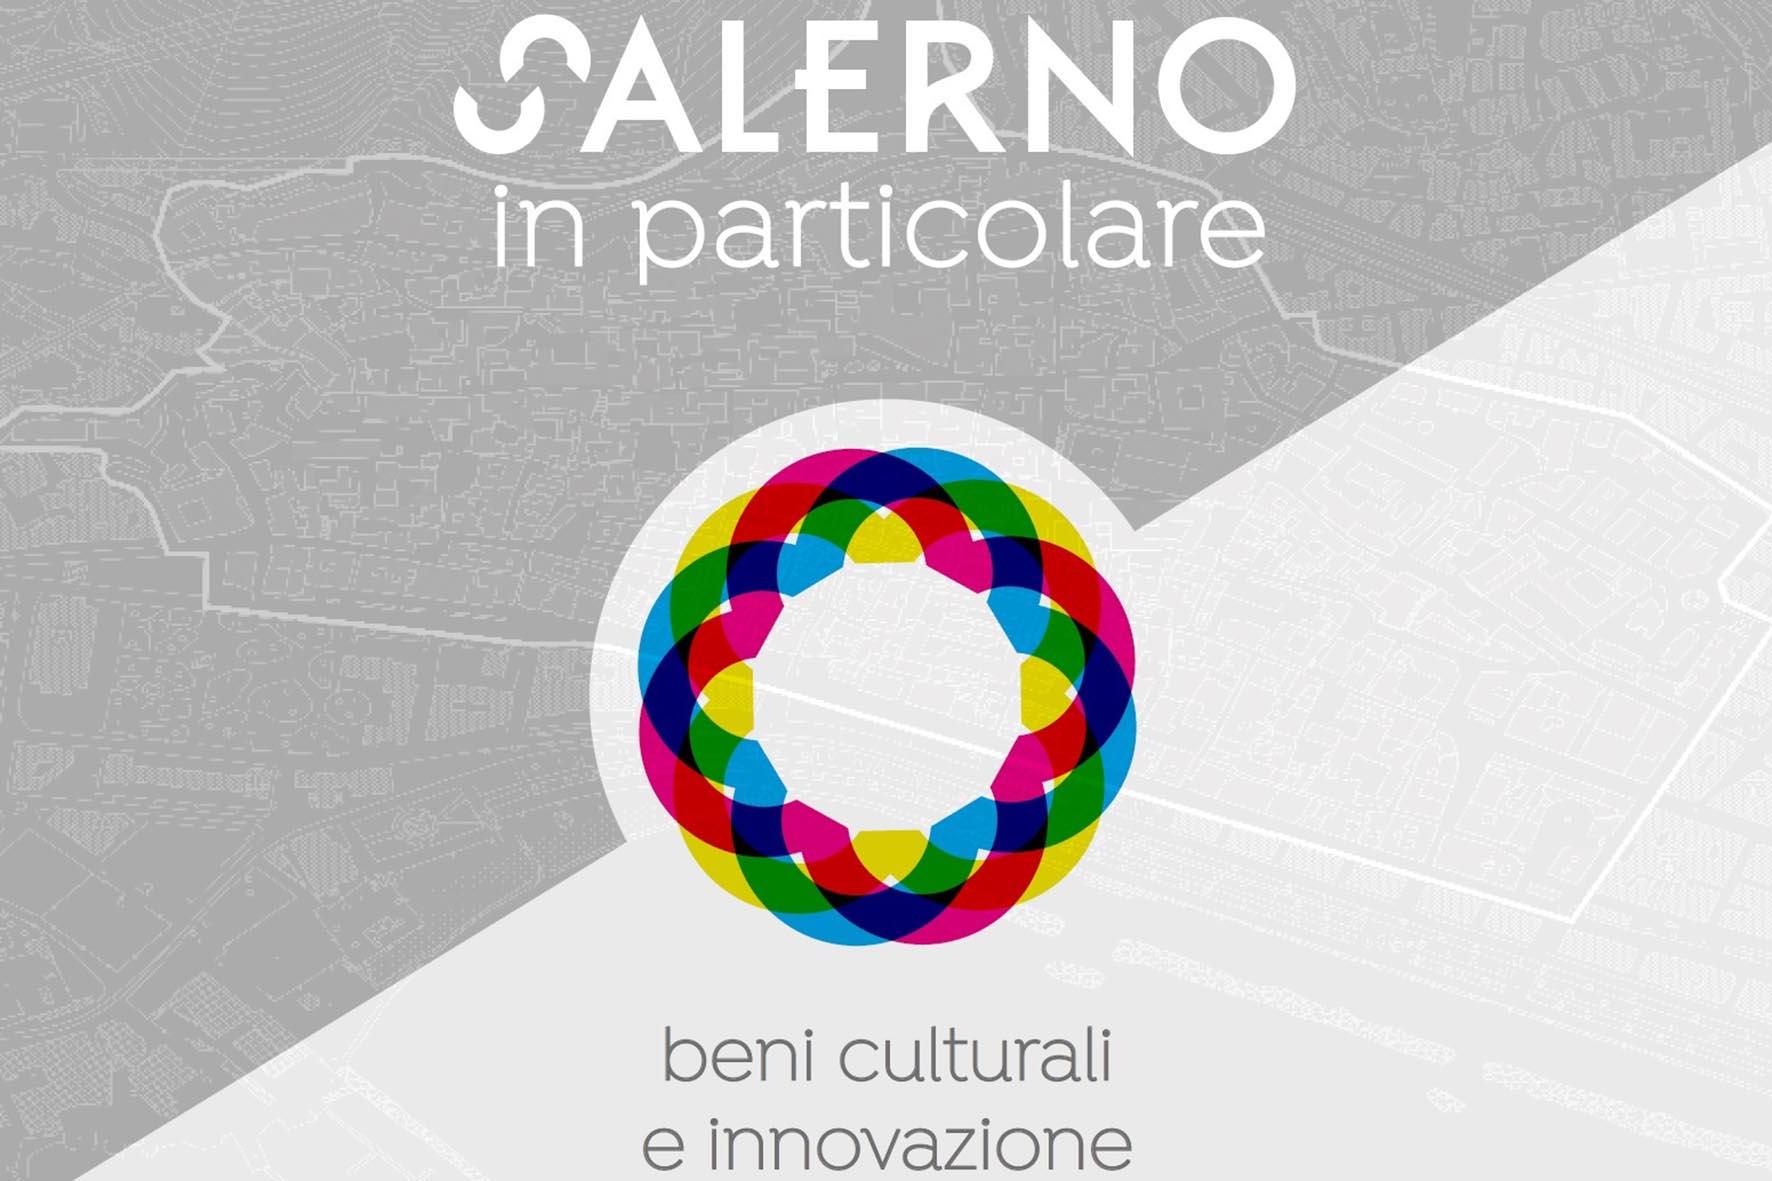 Salerno in particolare – Beni culturali e innovazione